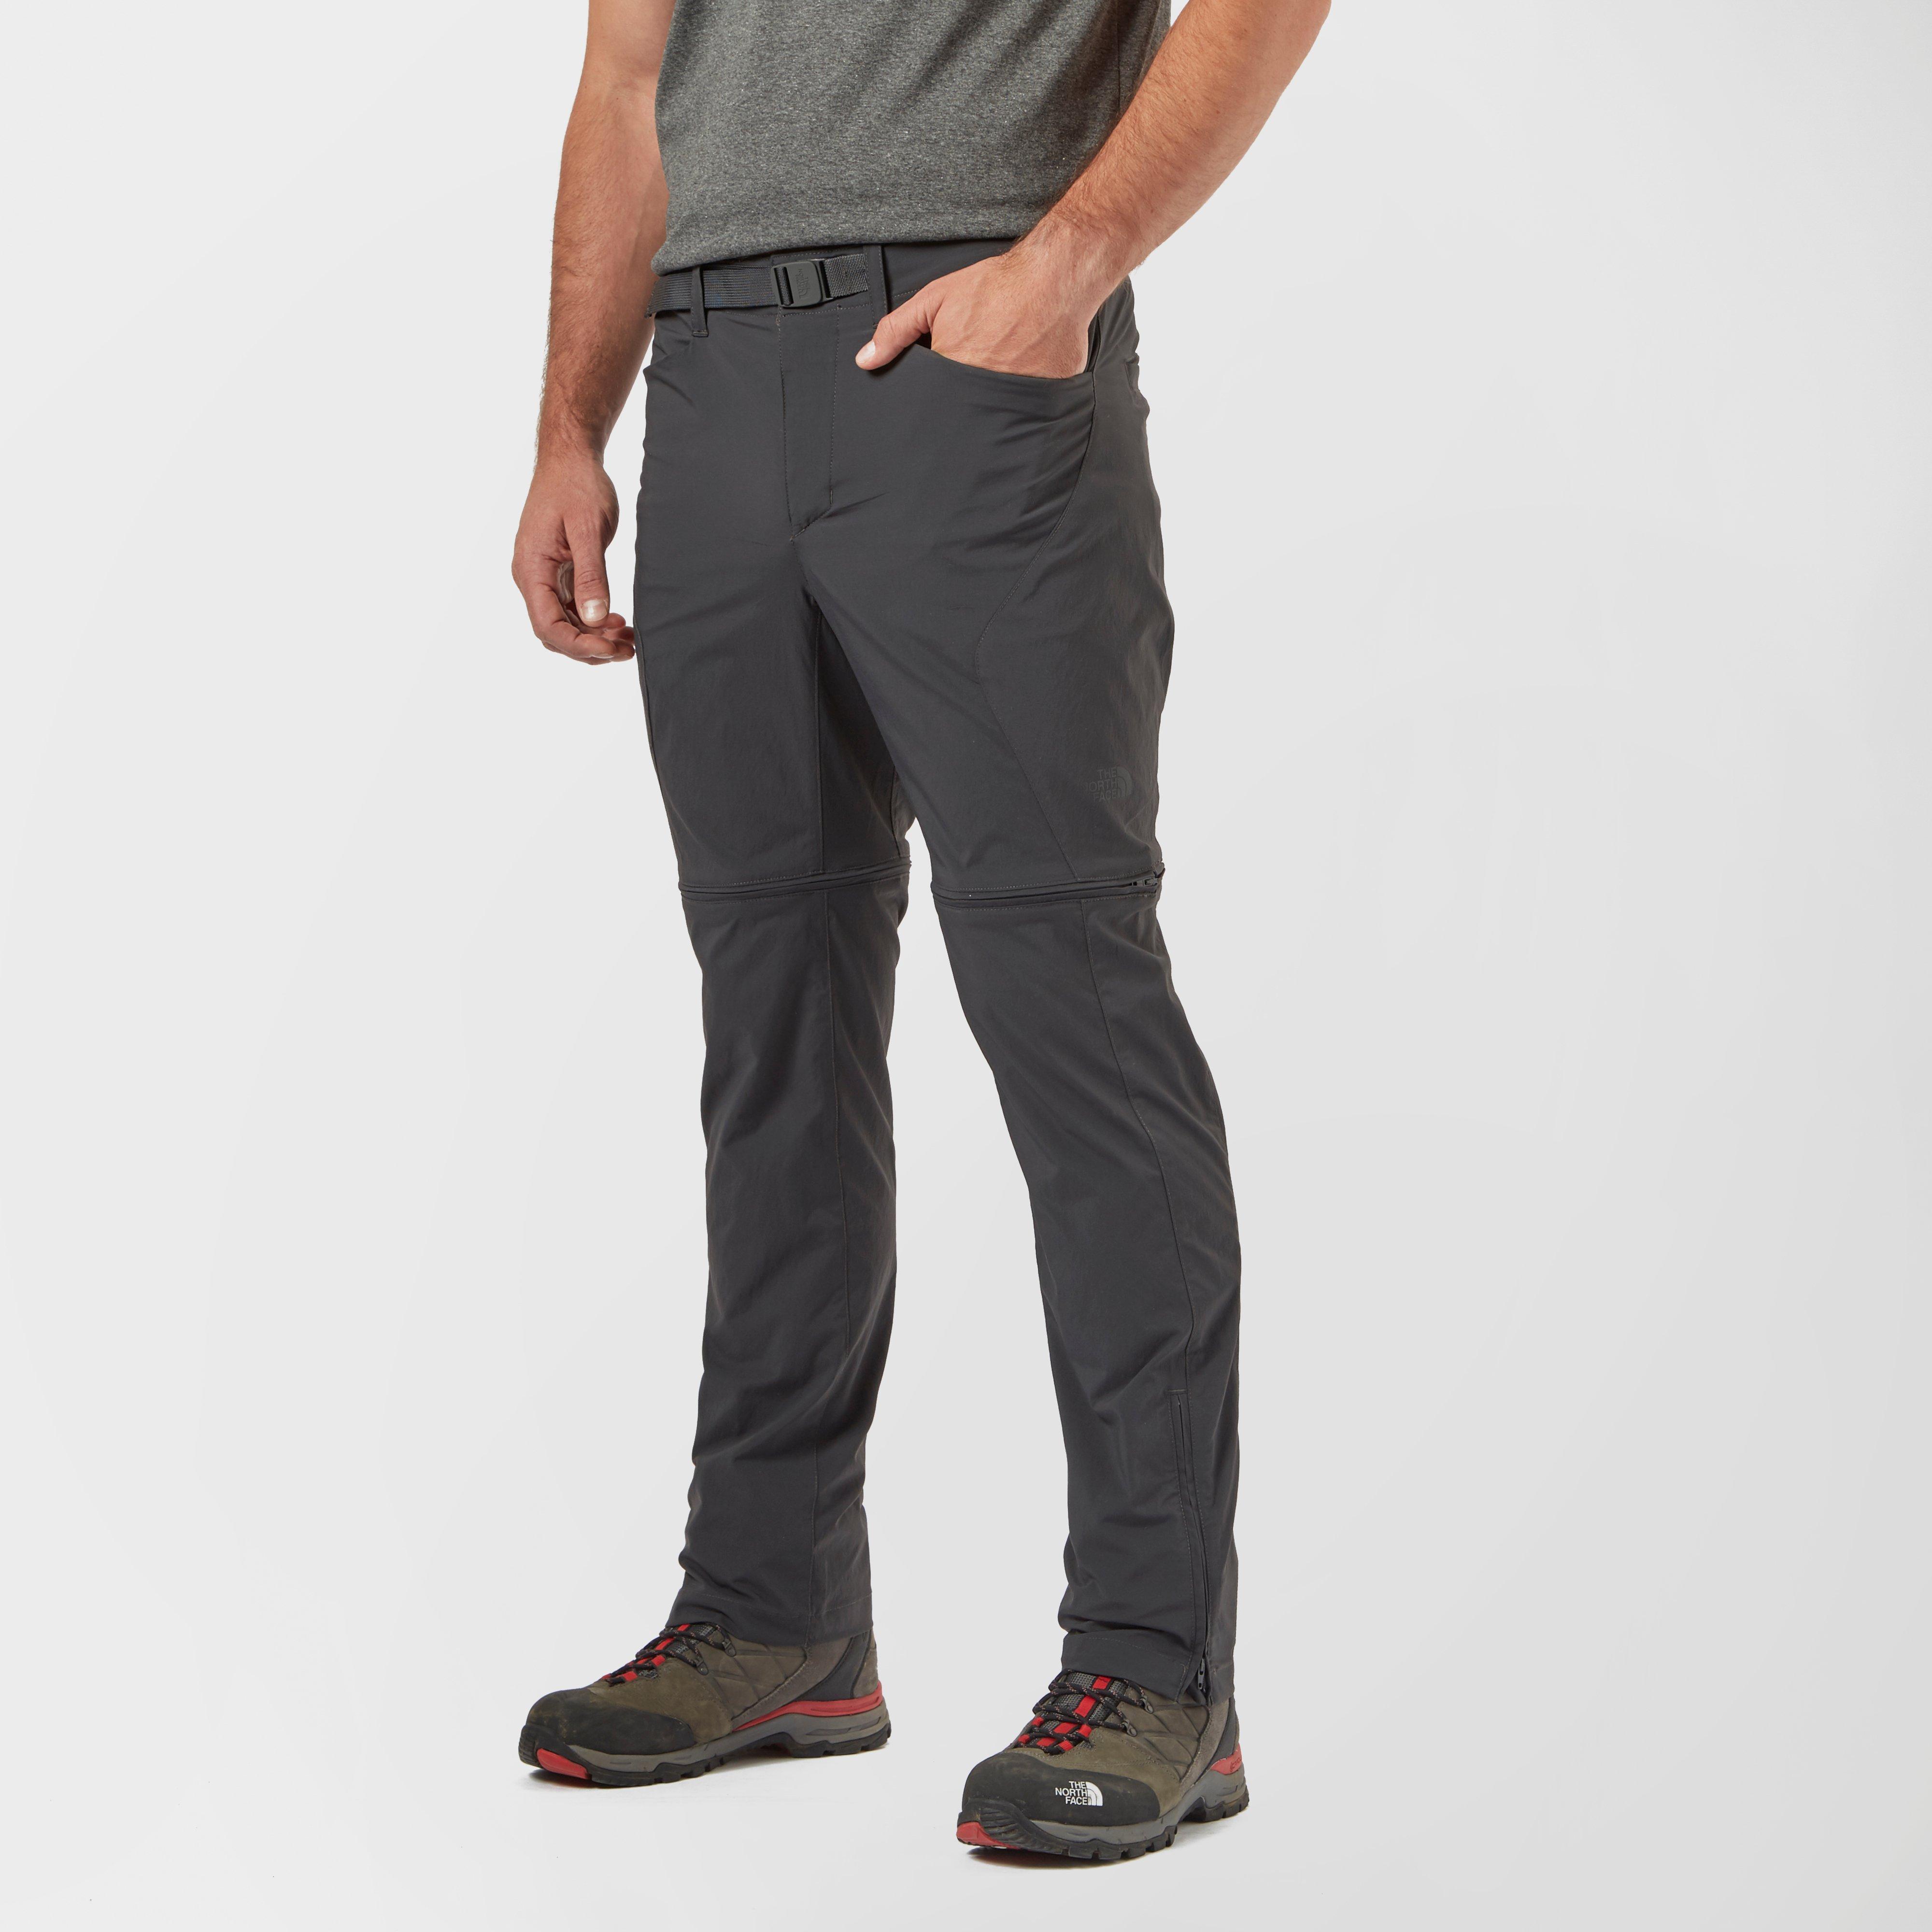 The North Face Mens Paramount 3.0 Convertible Pant Grey